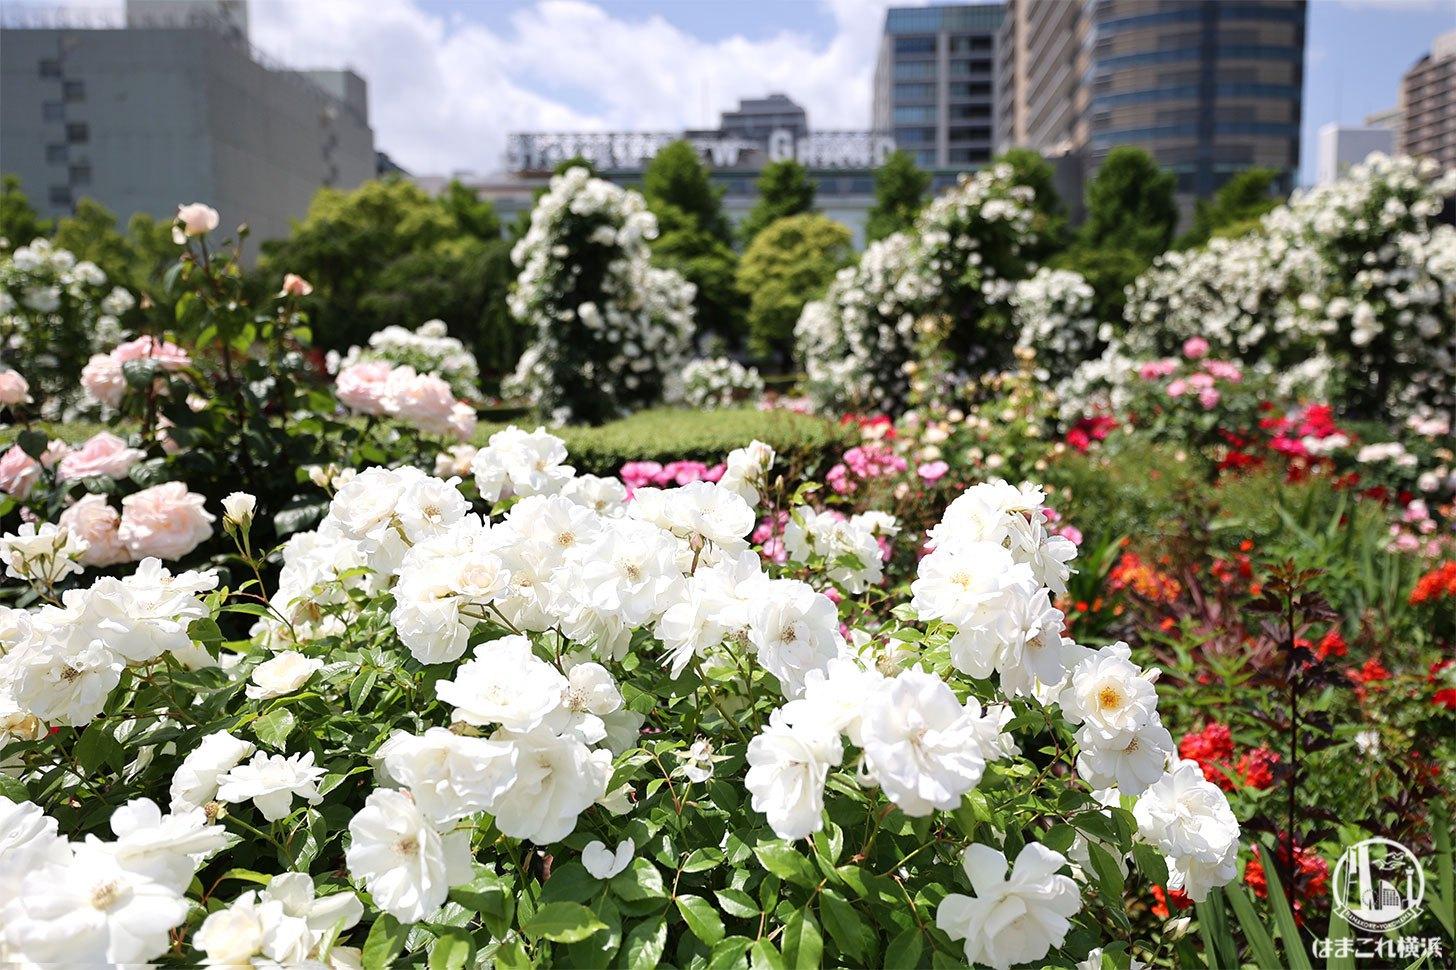 山下公園のバラが美しすぎた!圧倒的ボリューム・彩り豊かなバラに囲まれ癒しの散歩